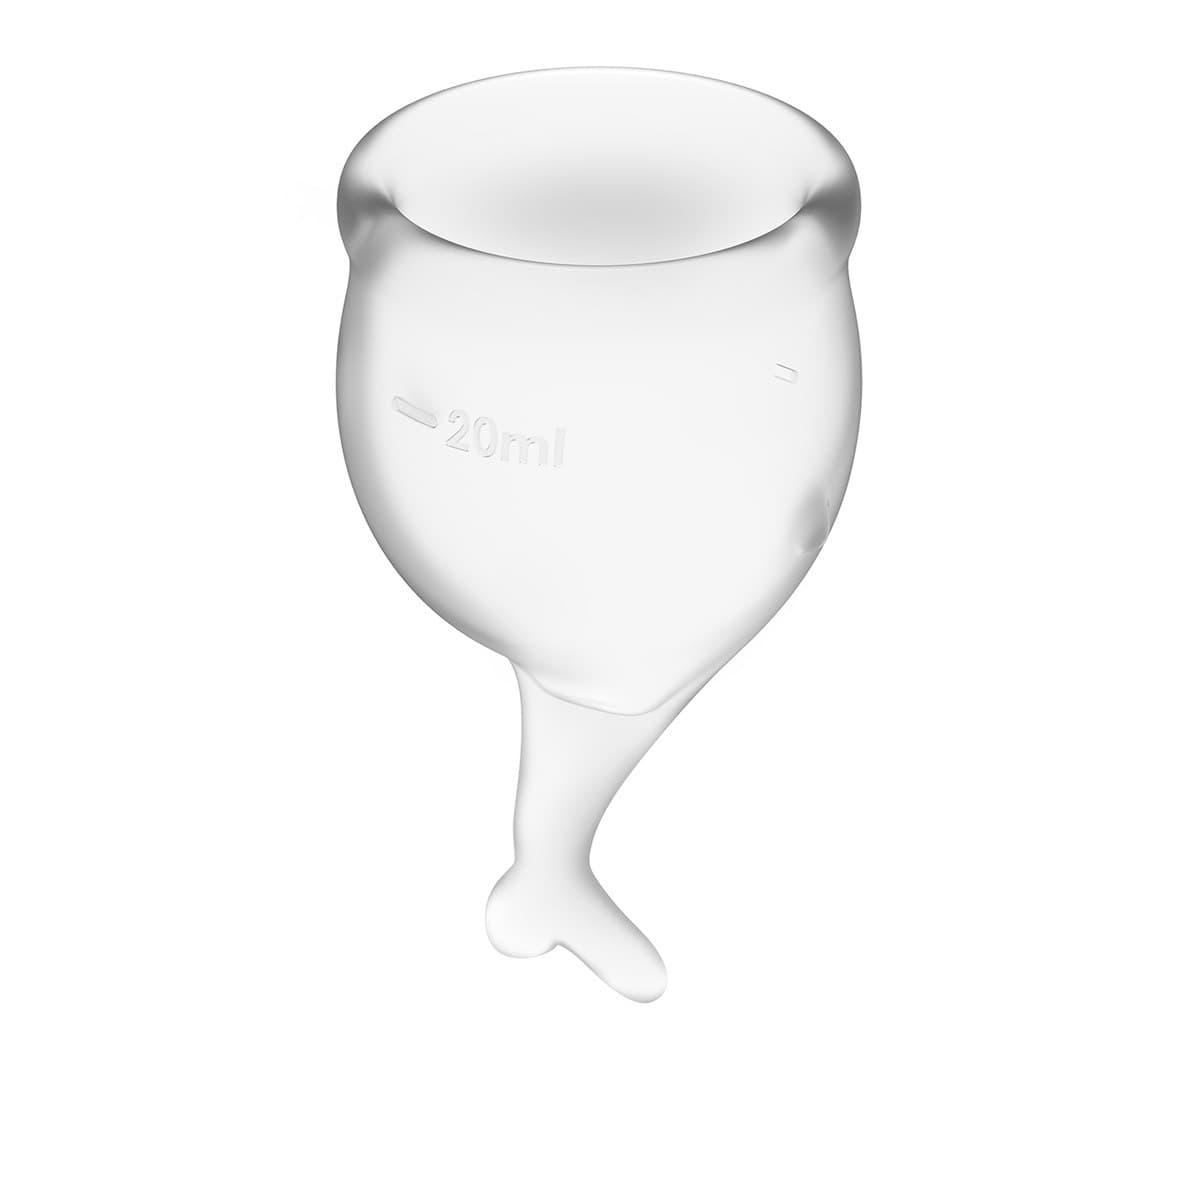 Satisfyer Feel Secure Menstrual Cup, Набор Менструальных Чаш - фото 18757